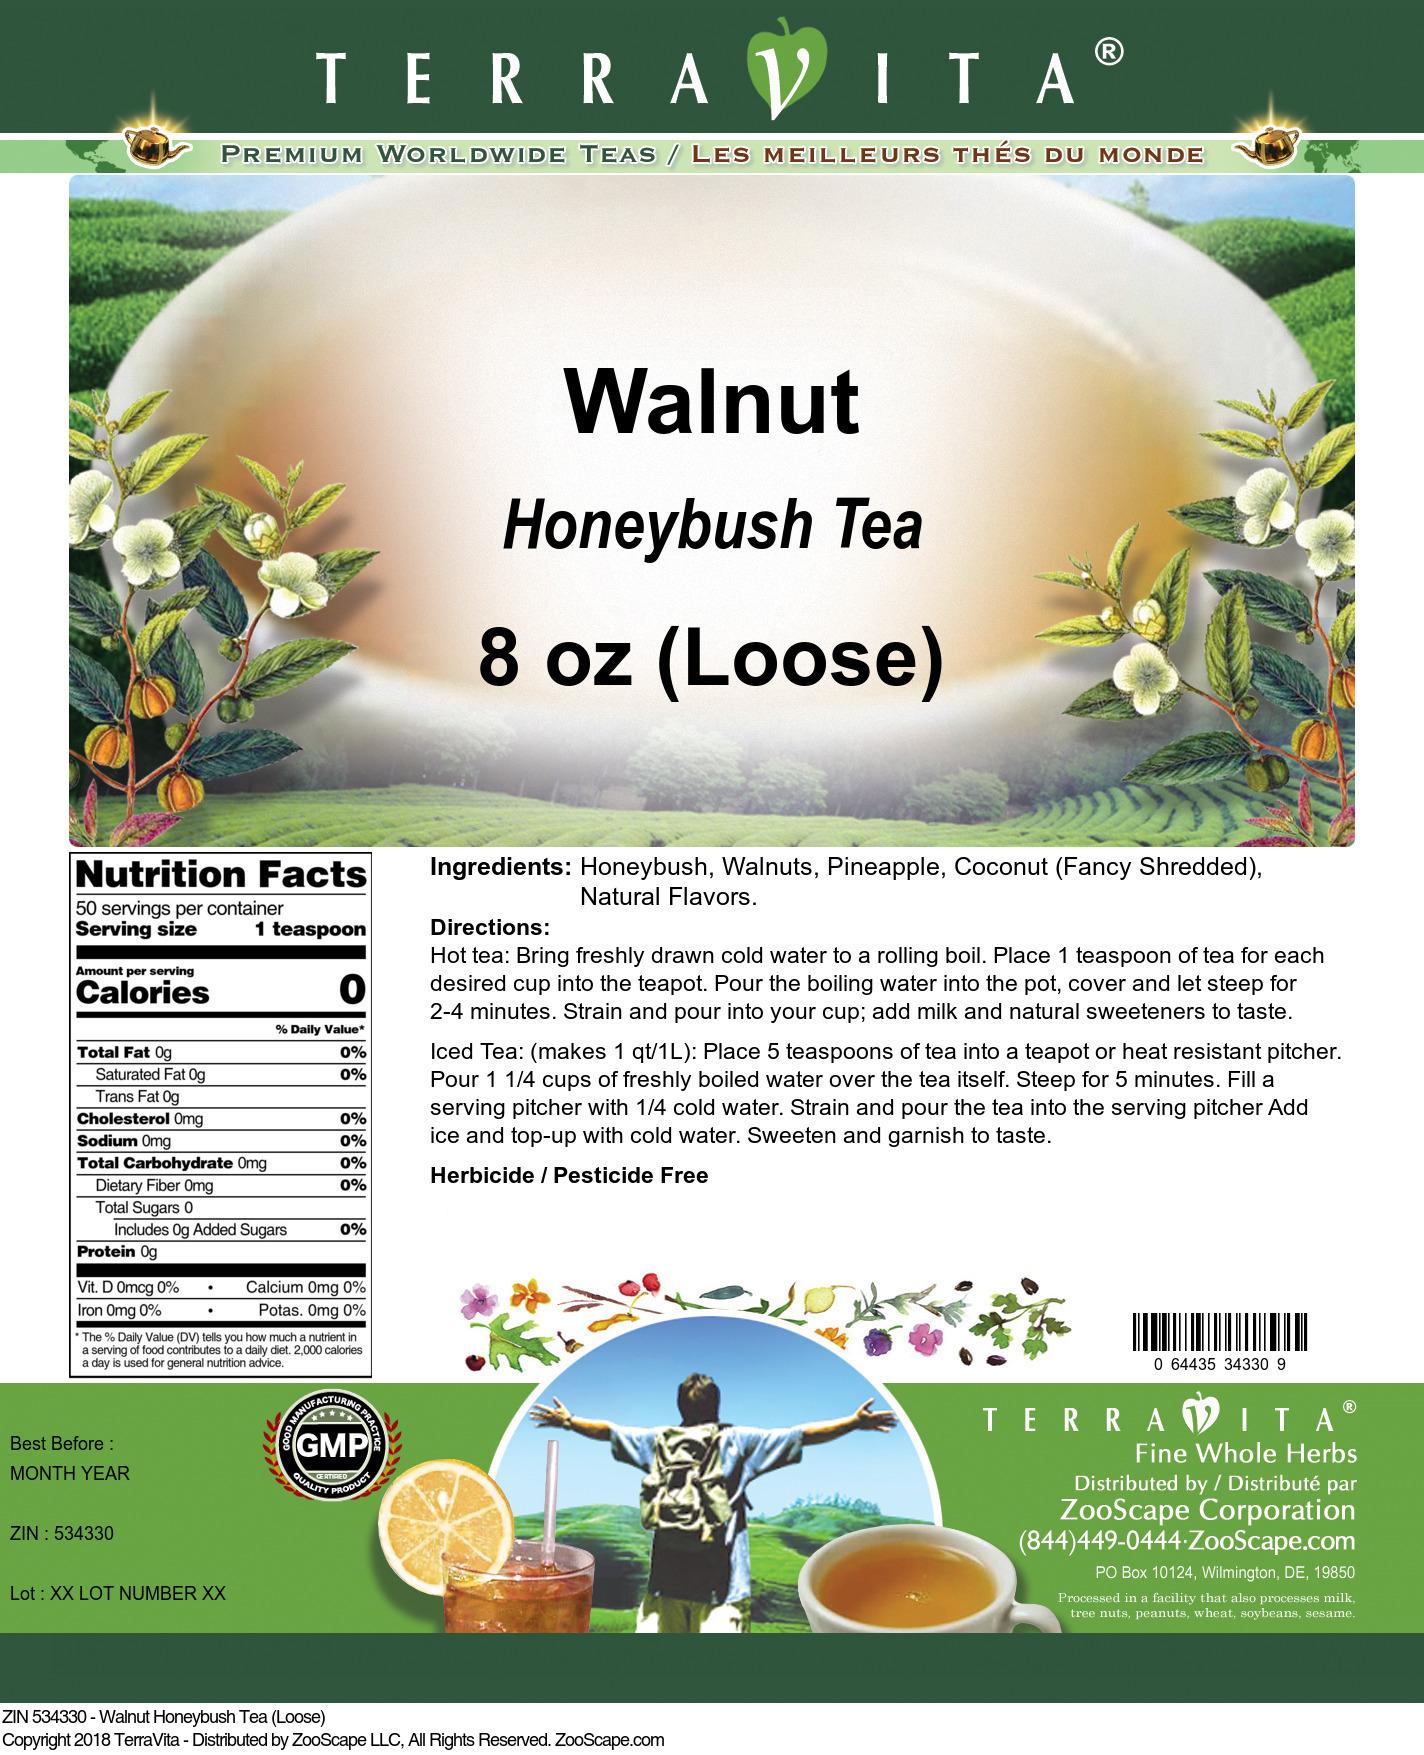 Walnut Honeybush Tea (Loose)